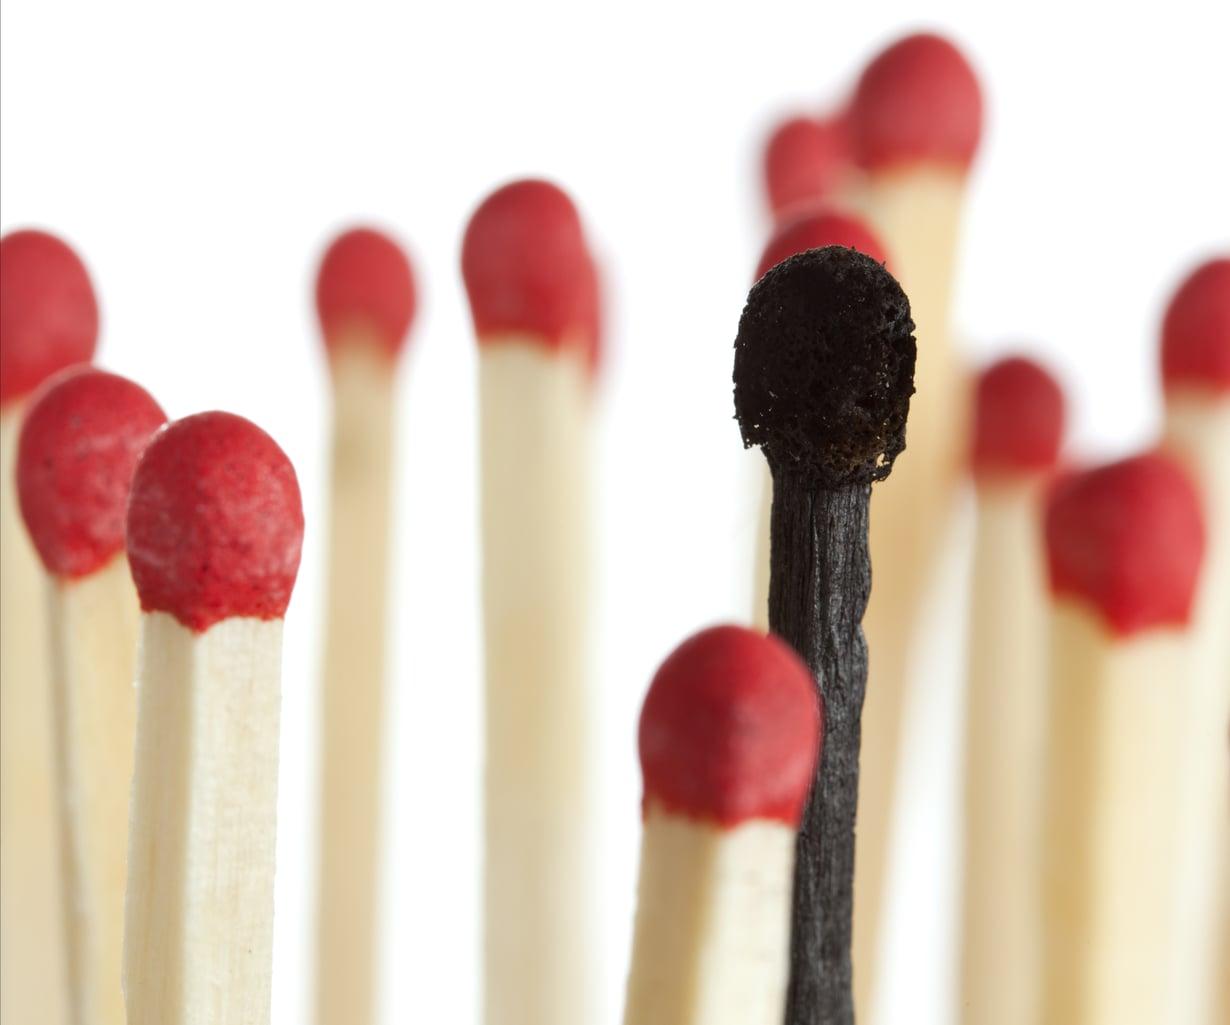 Uupumuksesta kärsivä saattaa ajatella, ettei pysty samaan kuin kollegansa. Kuva: Colourbox